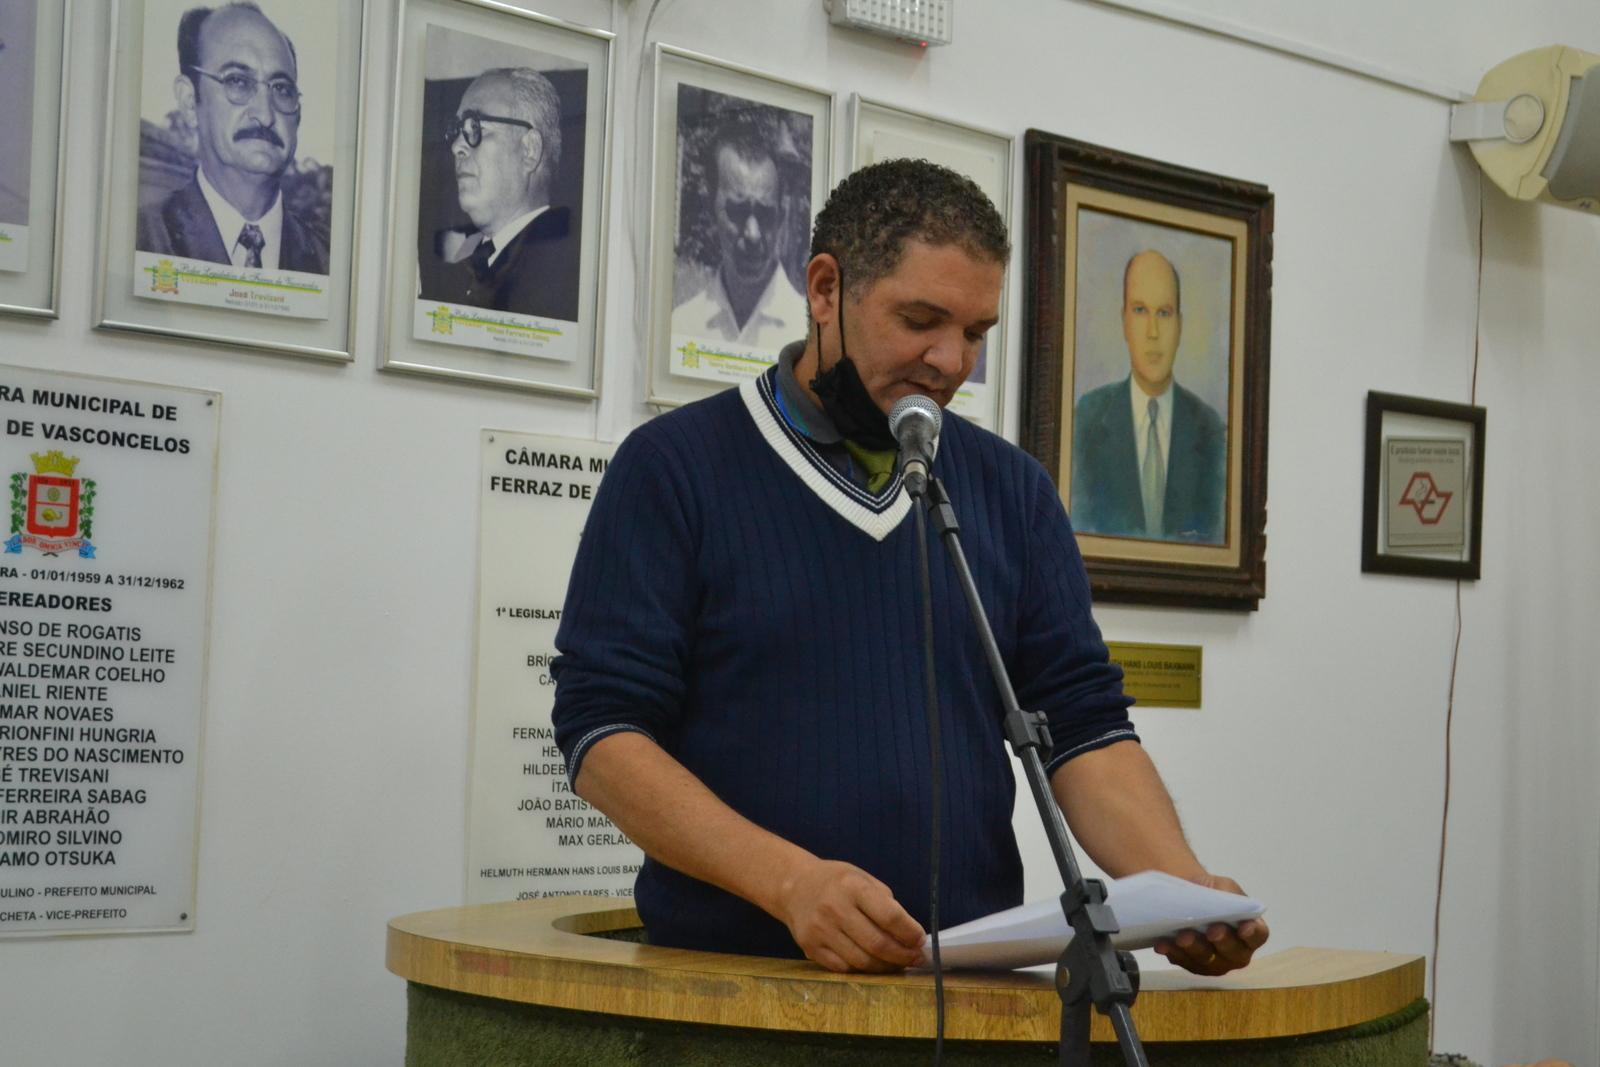 Oficialização de 4 vias públicas vai facilitar a vida de moradores no Jardim TV